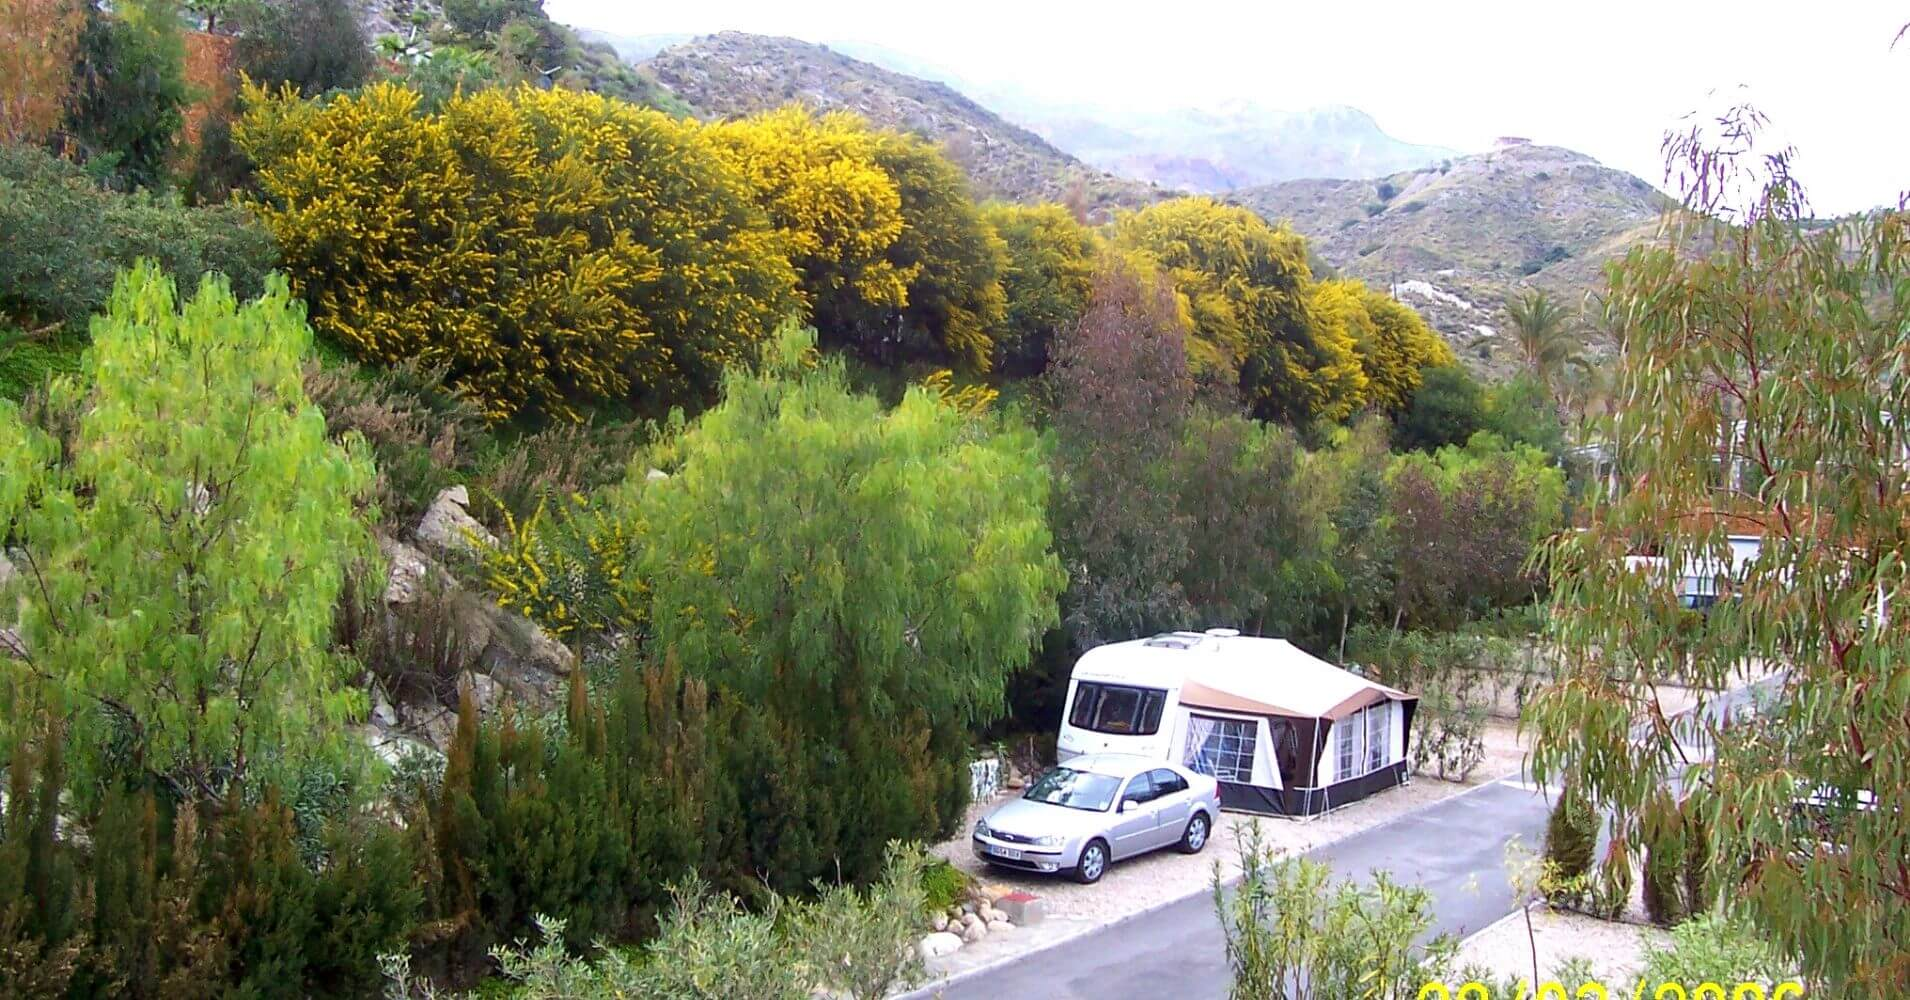 El Camping Cueva Negra. Mojácar, Almería. Andalucía.